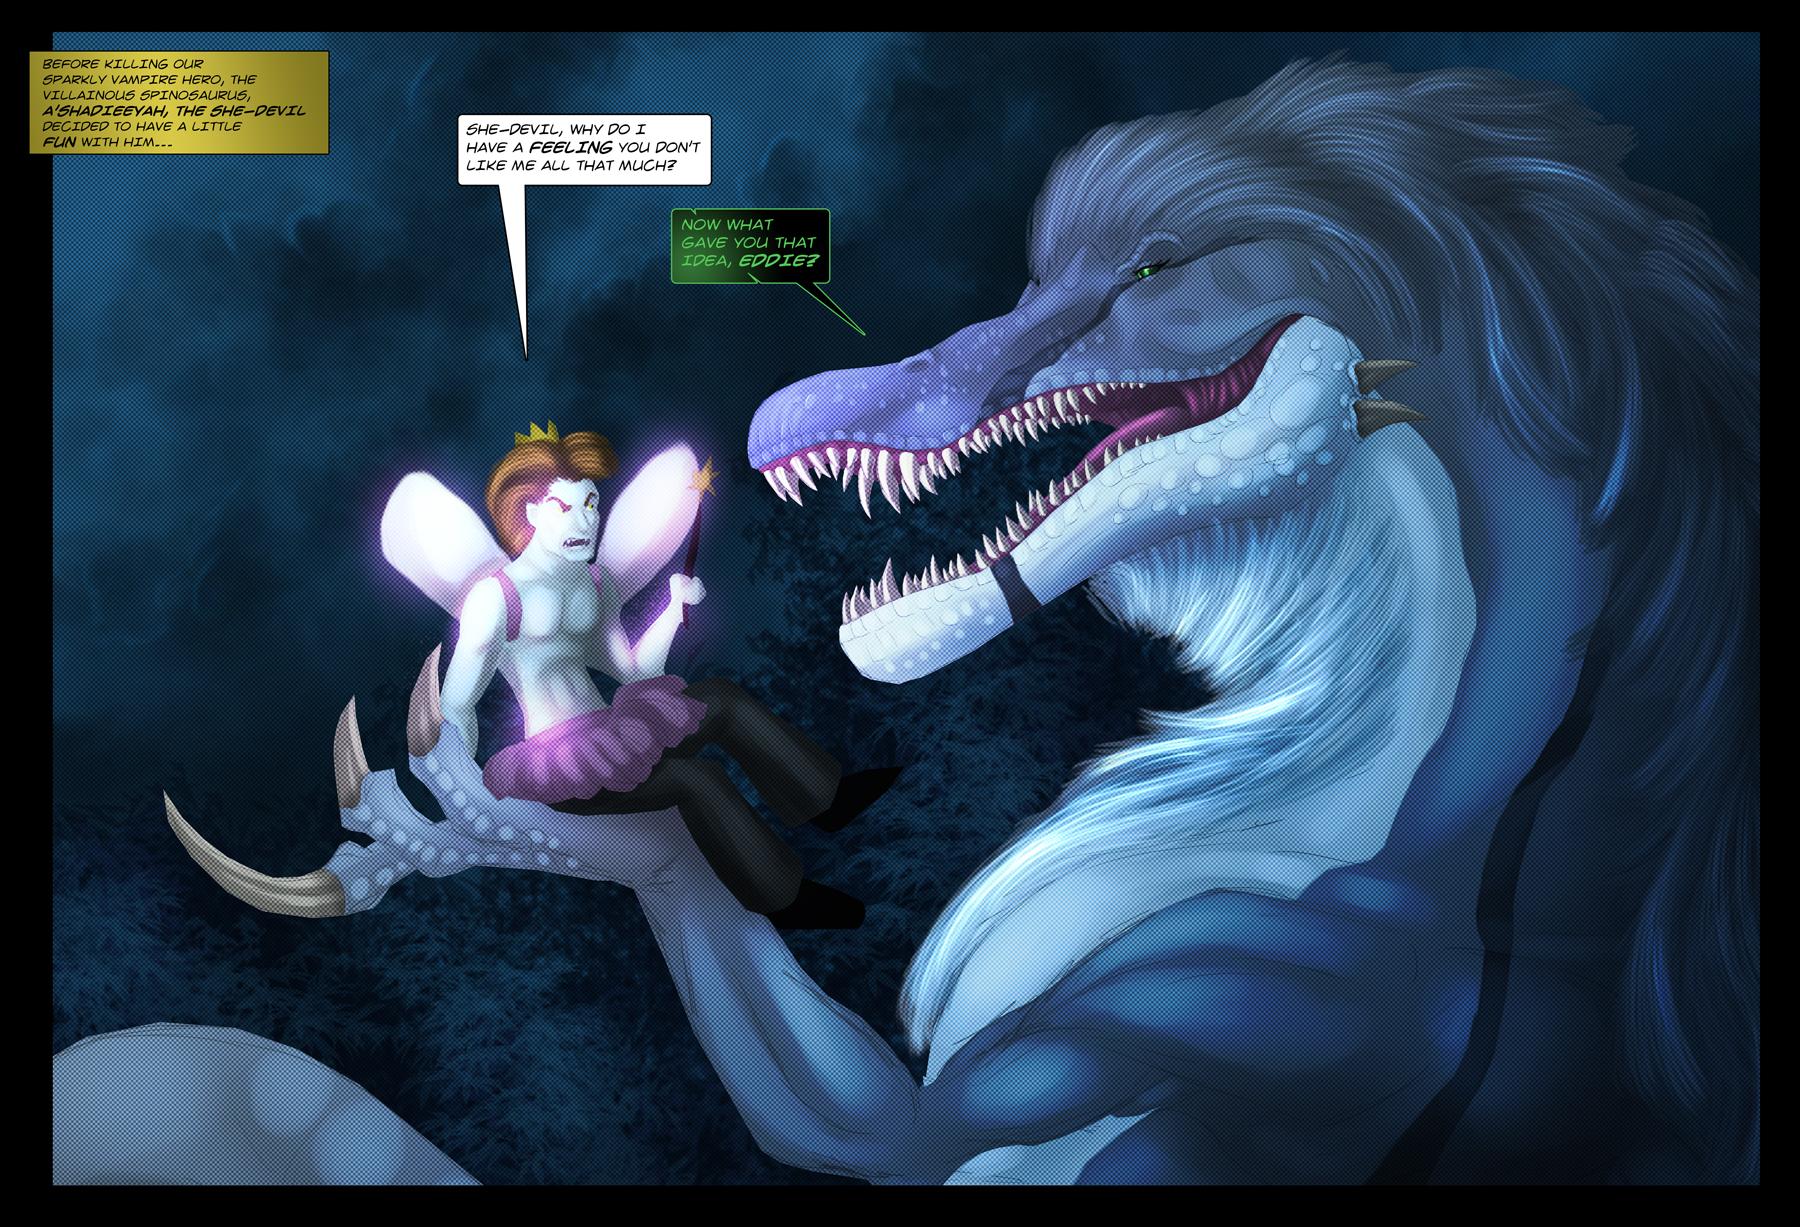 The She-Devil Returns to Forks by Ghostwalker2061